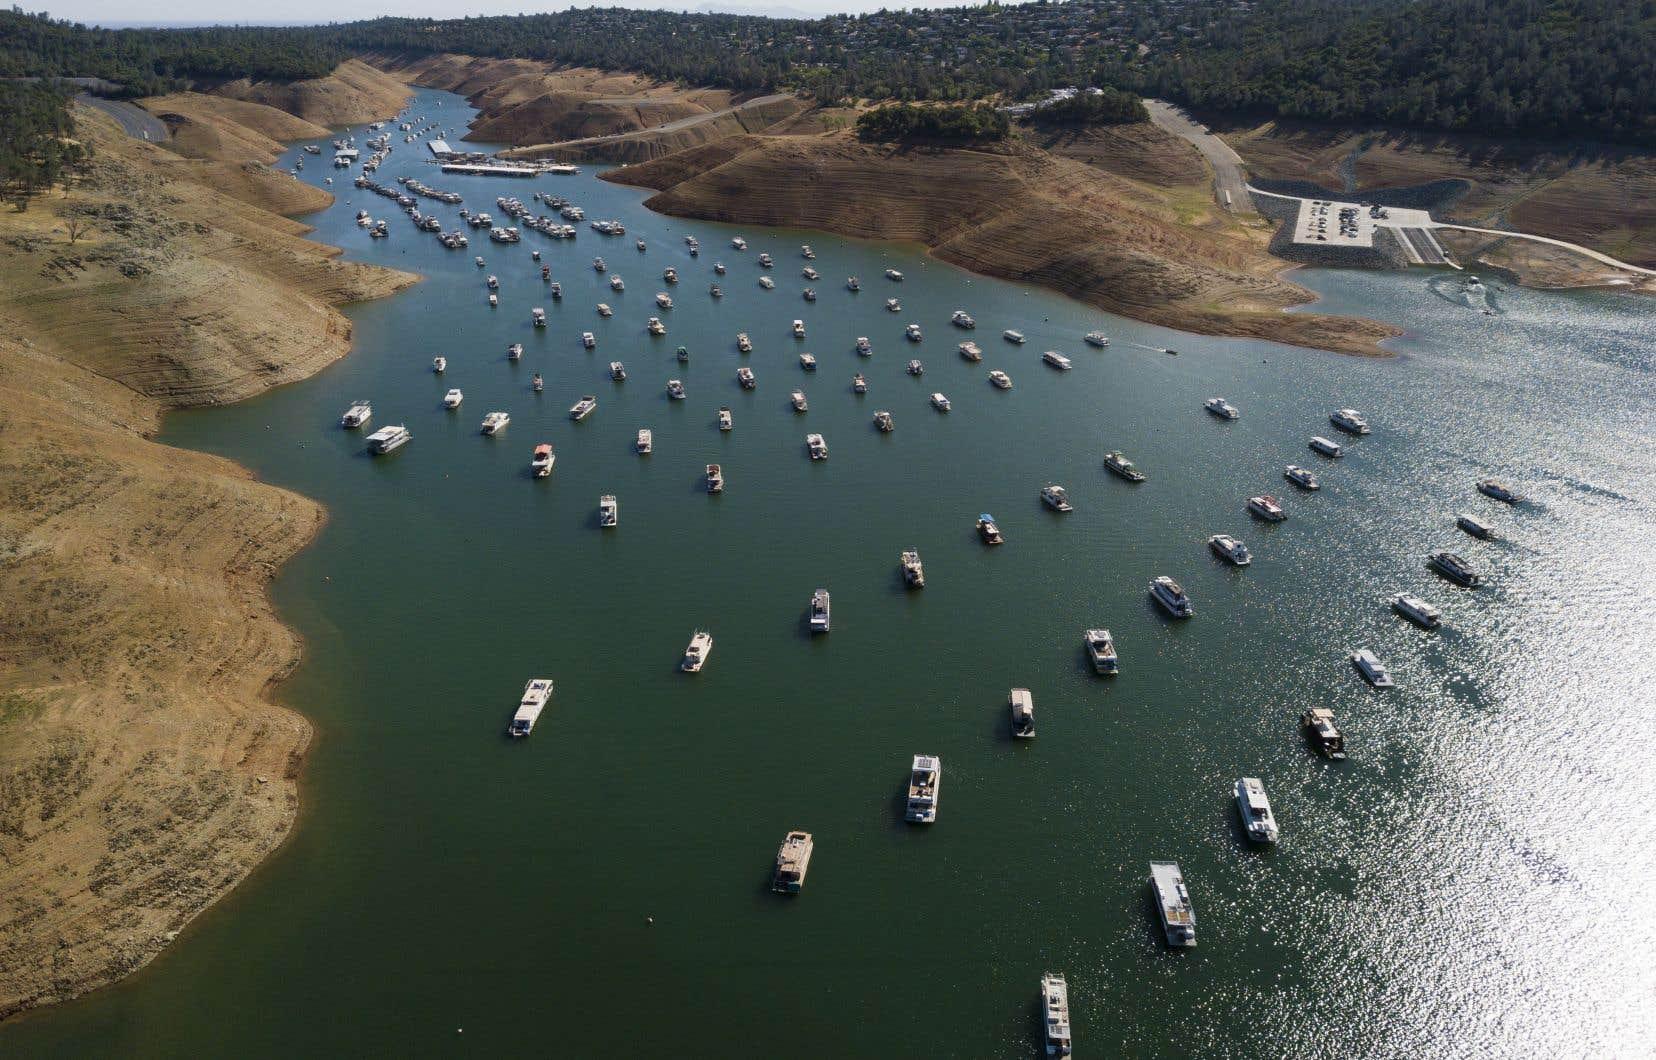 Les propriétaires de plusieurs dizaines de bateaux amarrés sur le lac d'Oroville ont été contraints cette semaine de les faire tracter hors de l'eau, sous peine qu'ils s'échouent et soient endommagés.